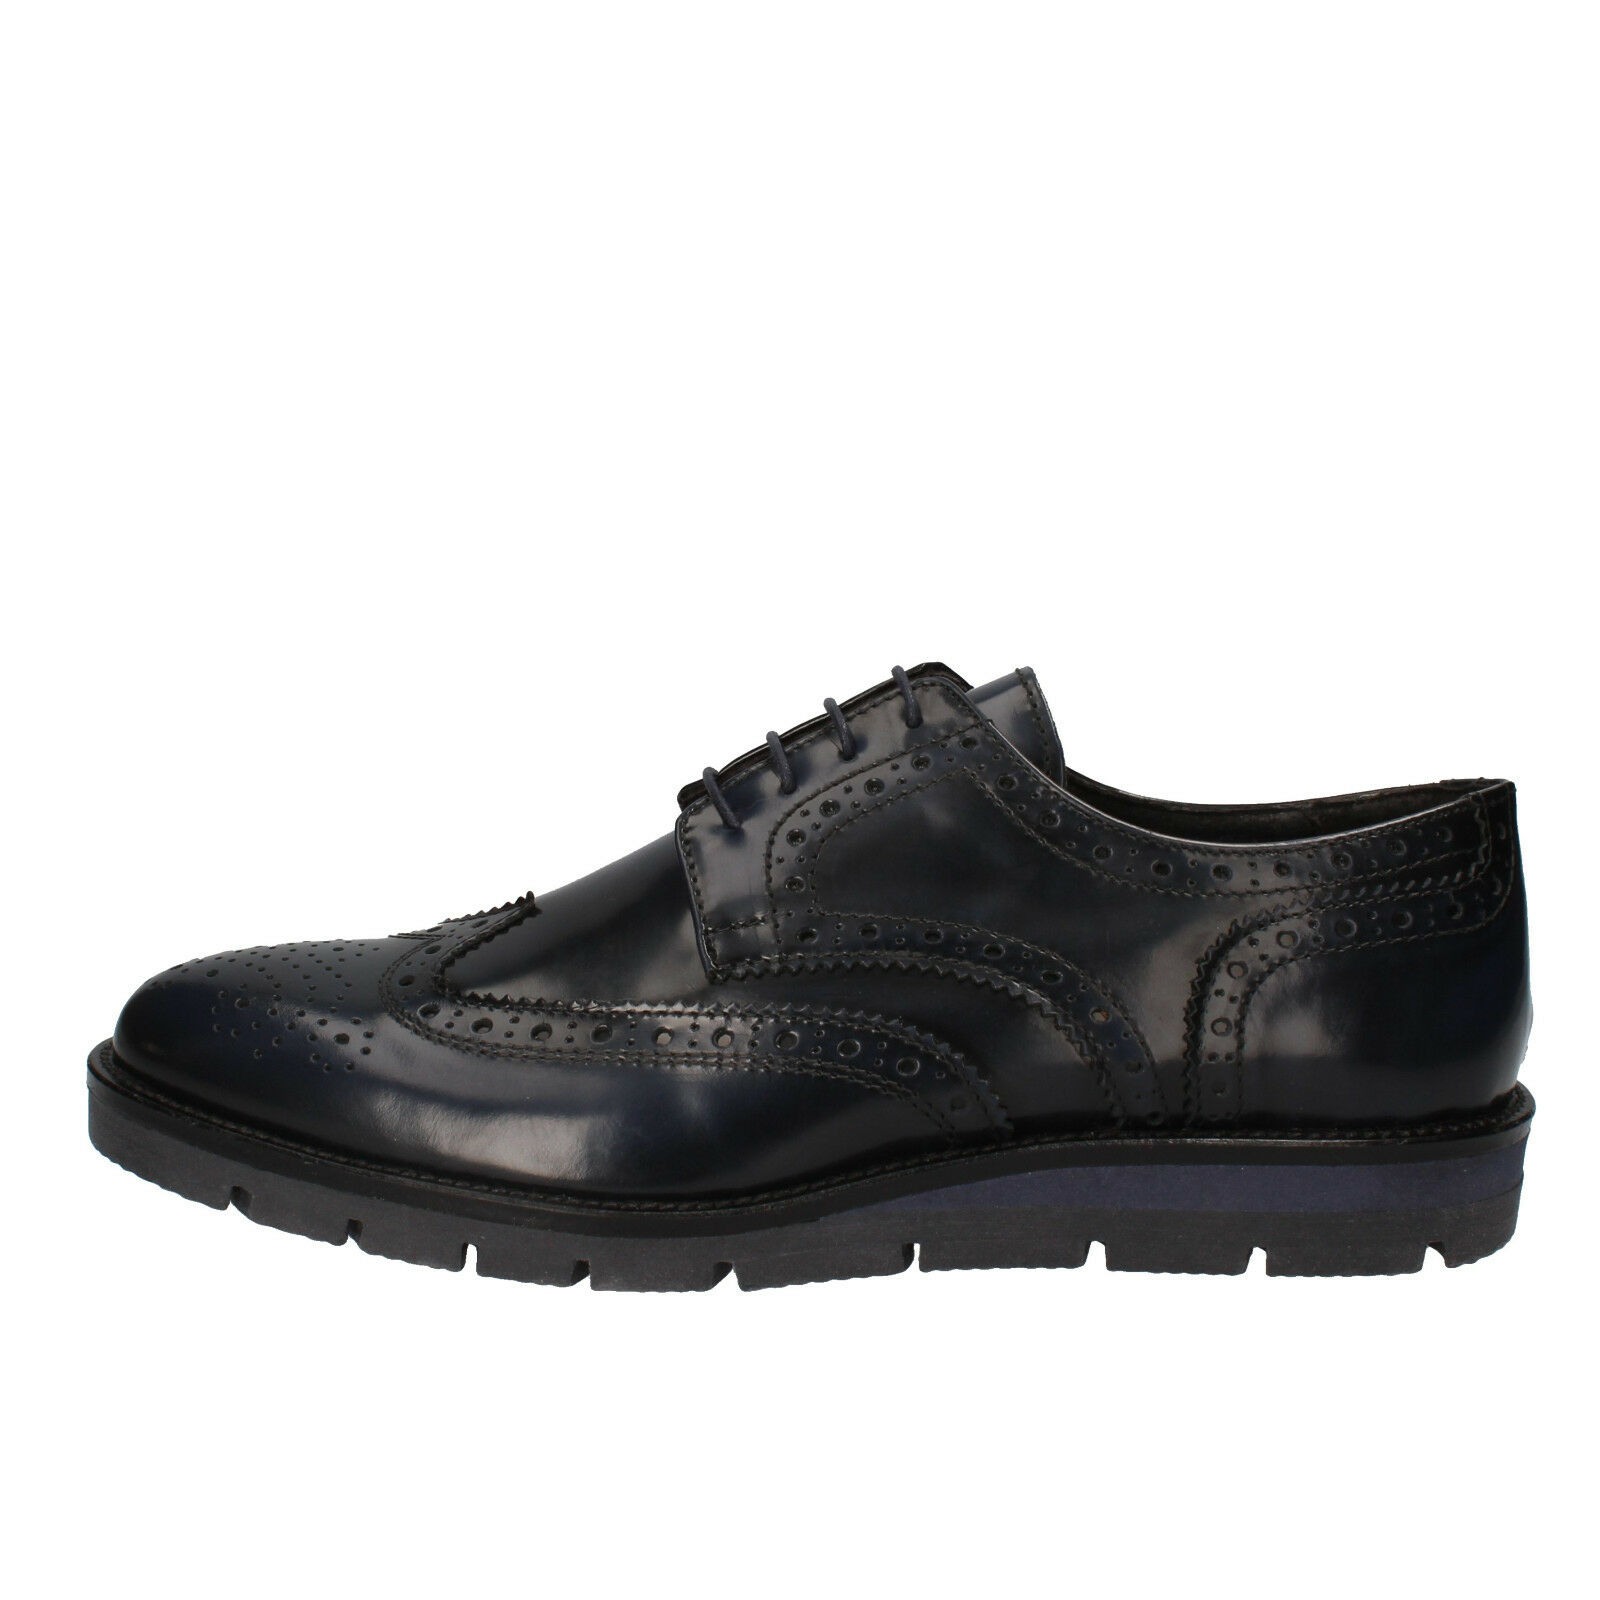 Mens zapatos J BREITLIN 7 (EU 41) elegant azul shiny leather AD13-B